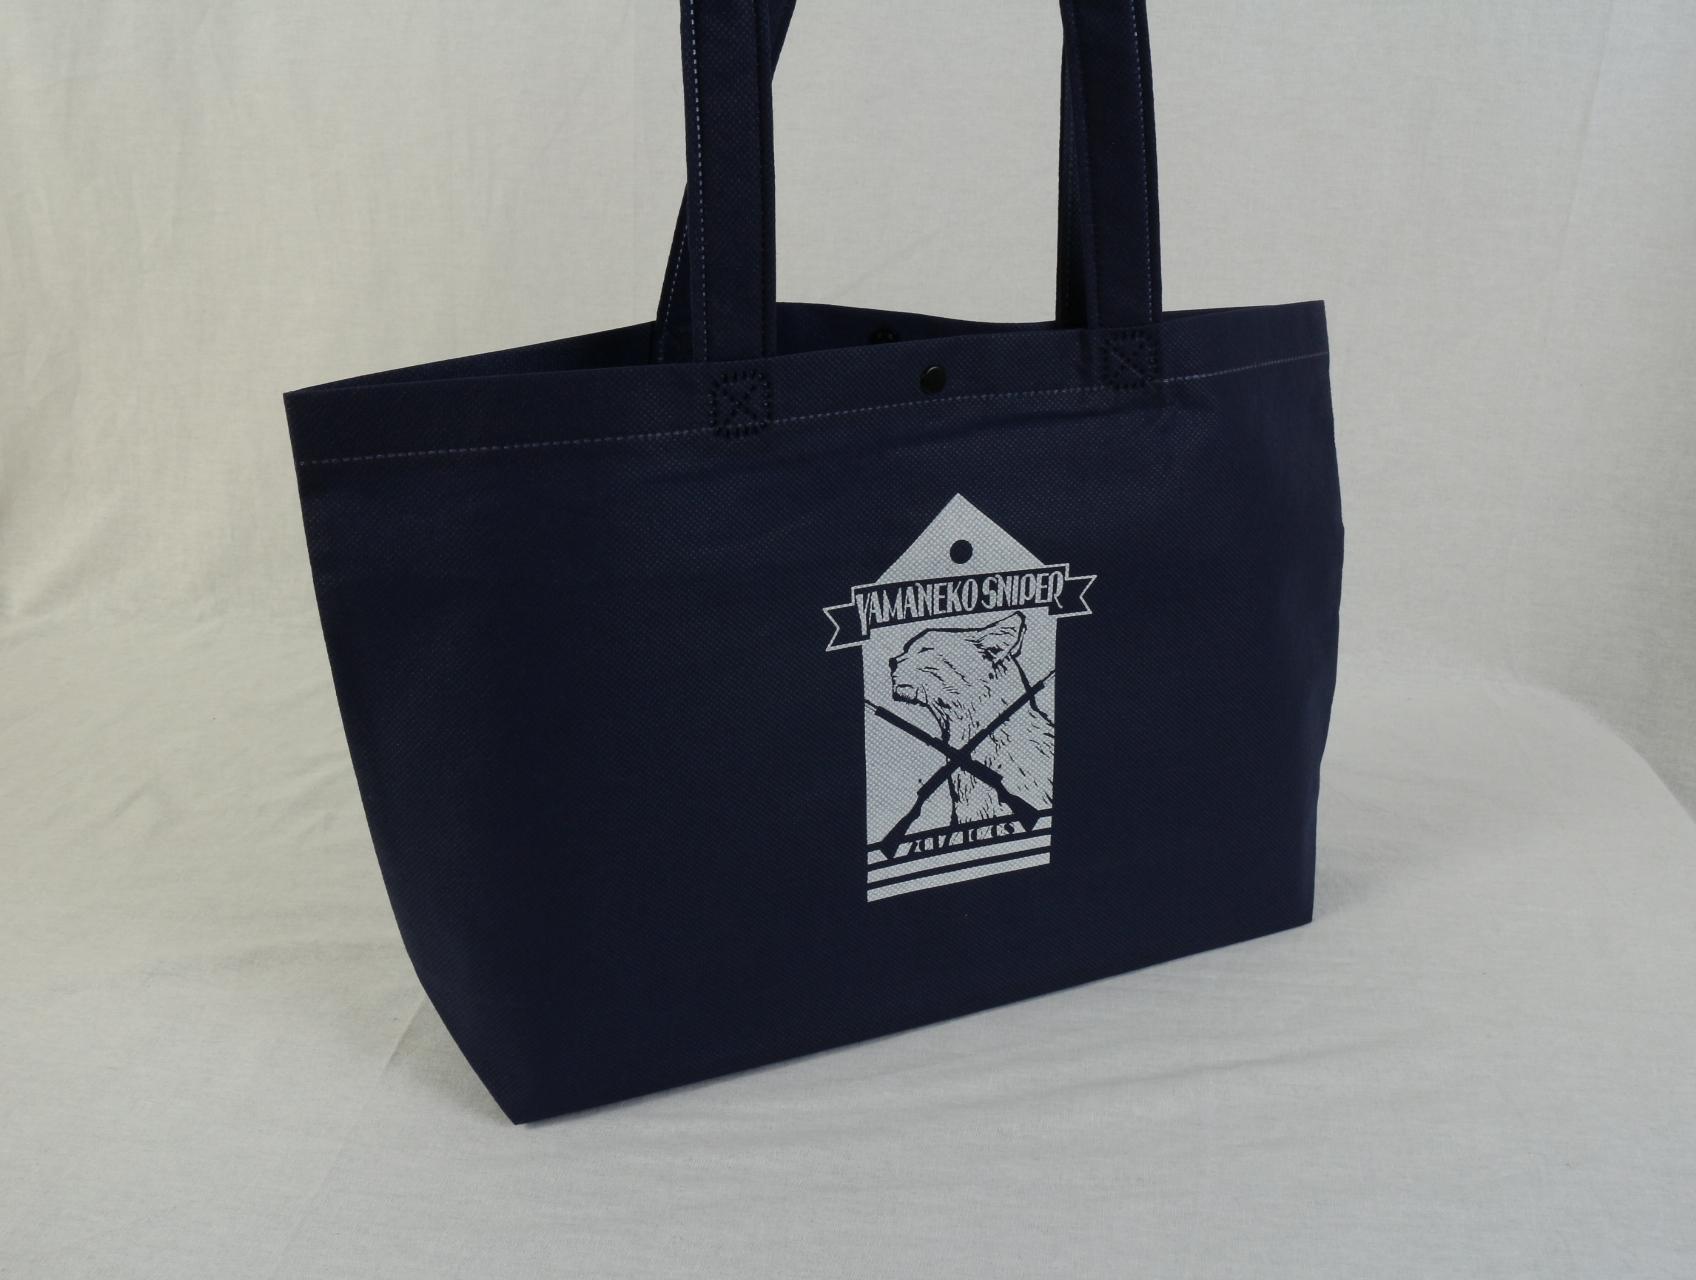 イベントでご利用になられる既製品セミオーダーの不織布バッグ